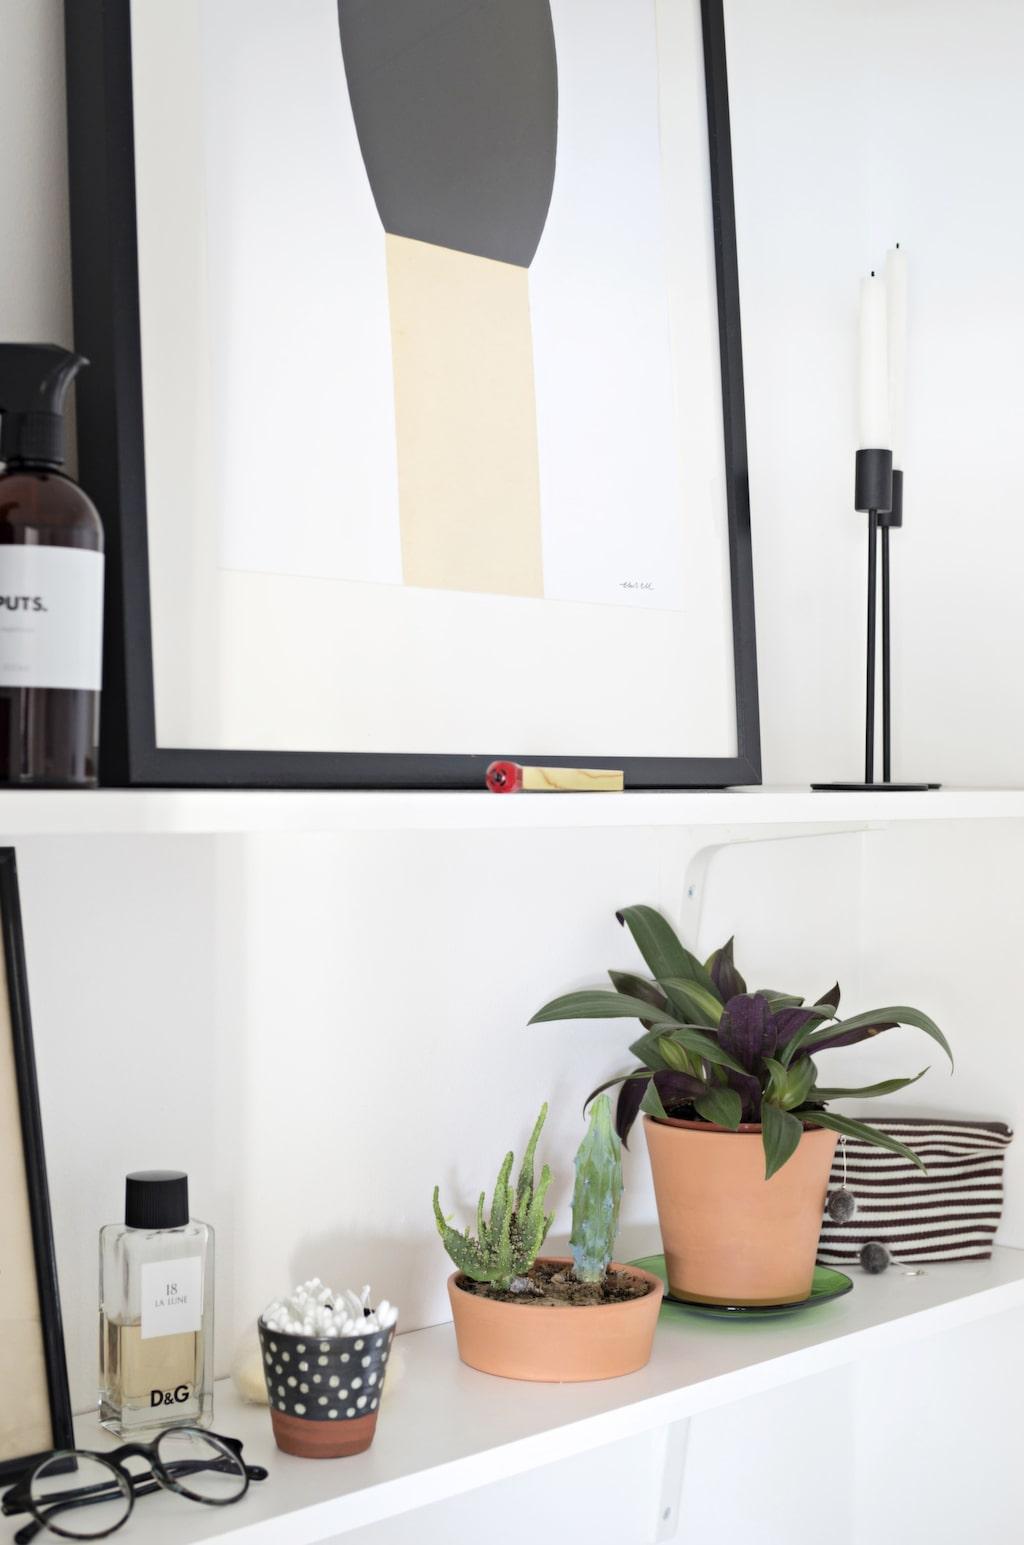 På enkla, vita konsolhyllor samsas praktiska och vackra saker.